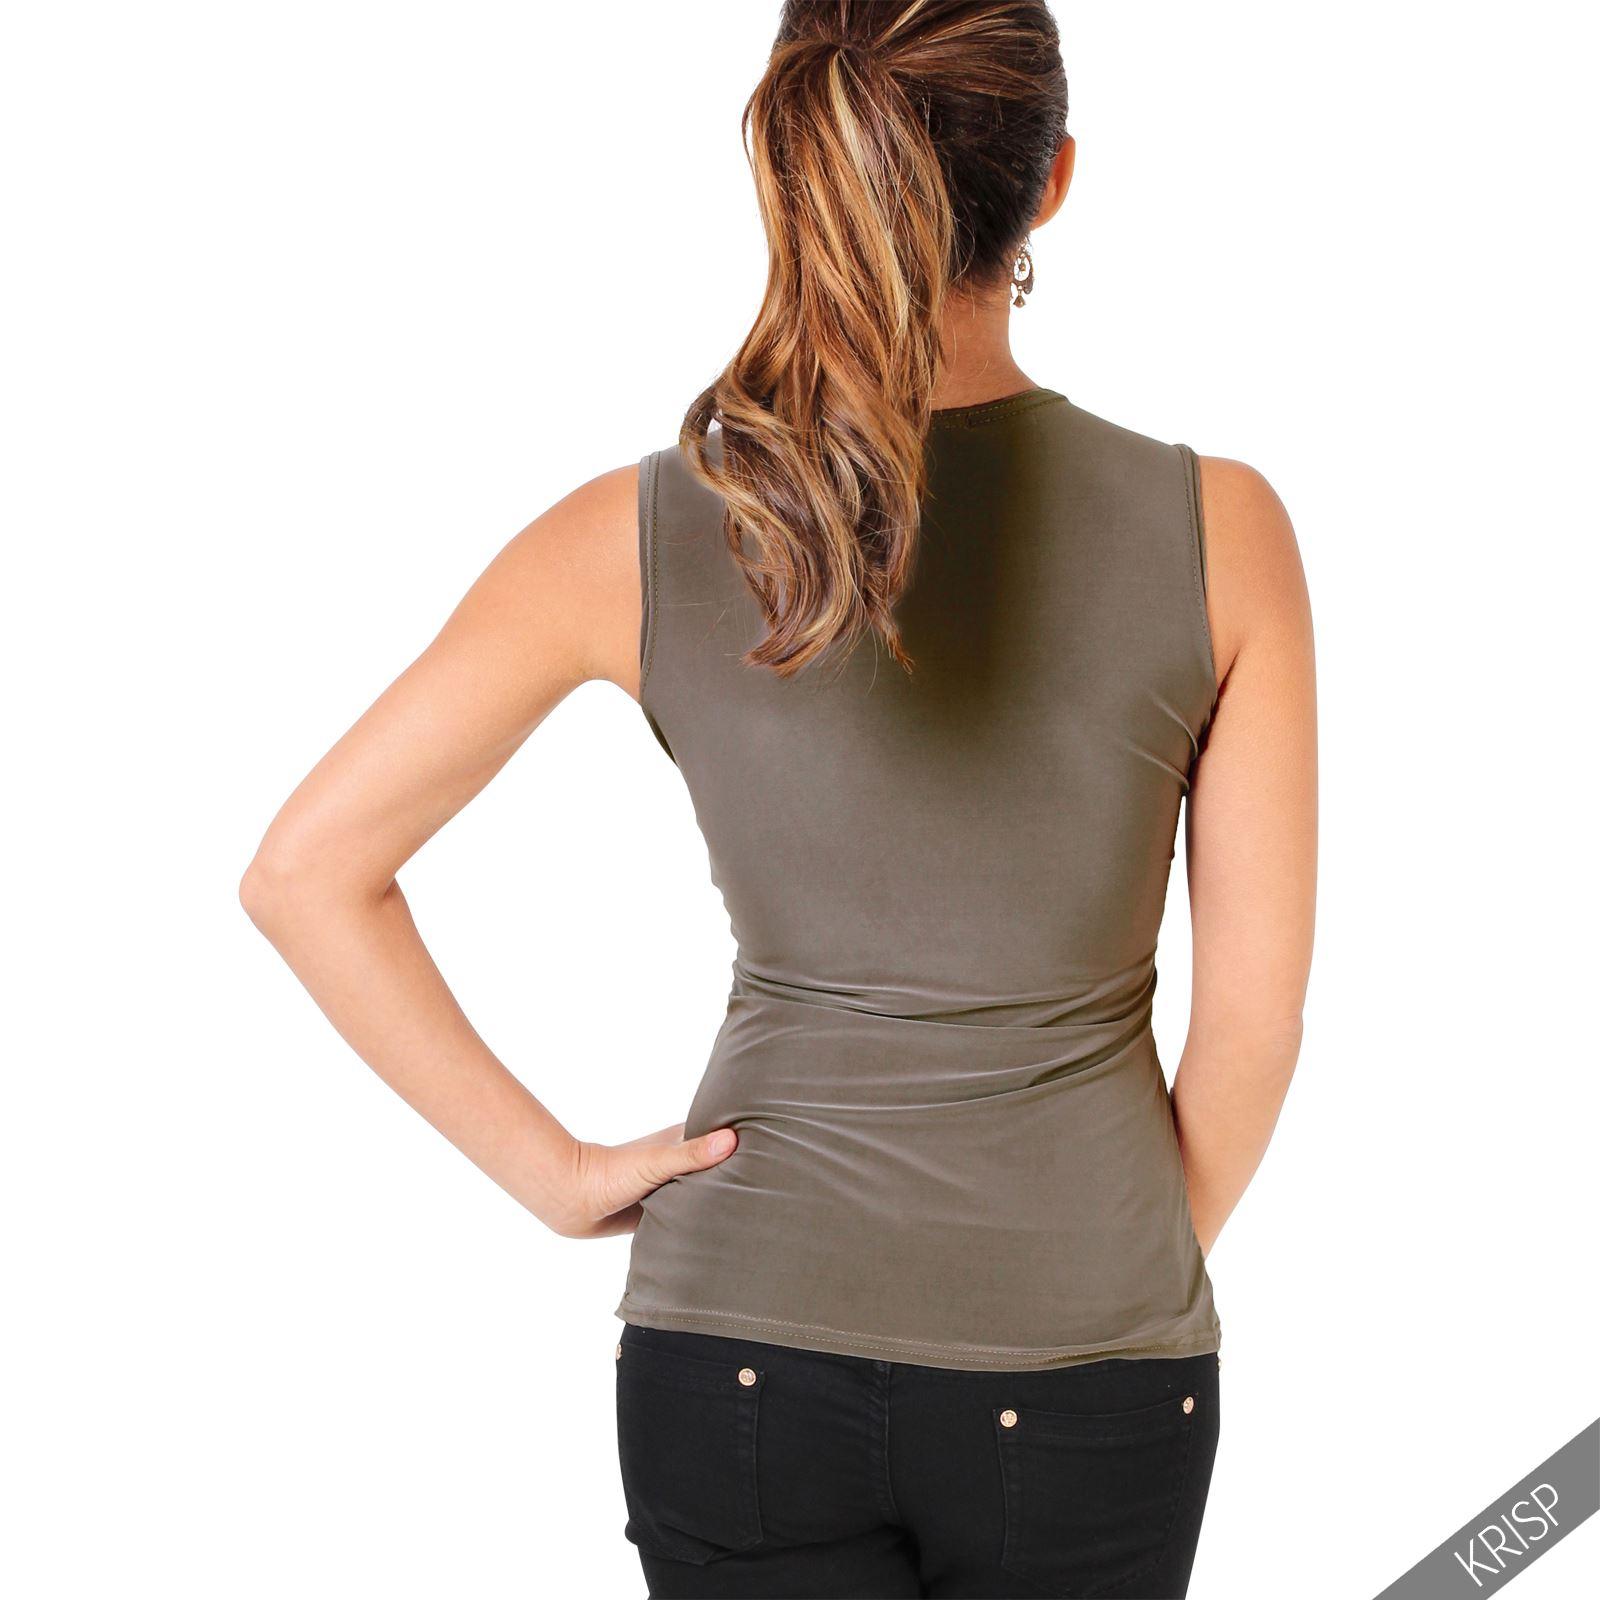 Femmes-Haut-Debardeur-T-shirt-Tee-Shirt-Top-Sans-Manche-Uni-Affaires-Ete-Plage miniature 8